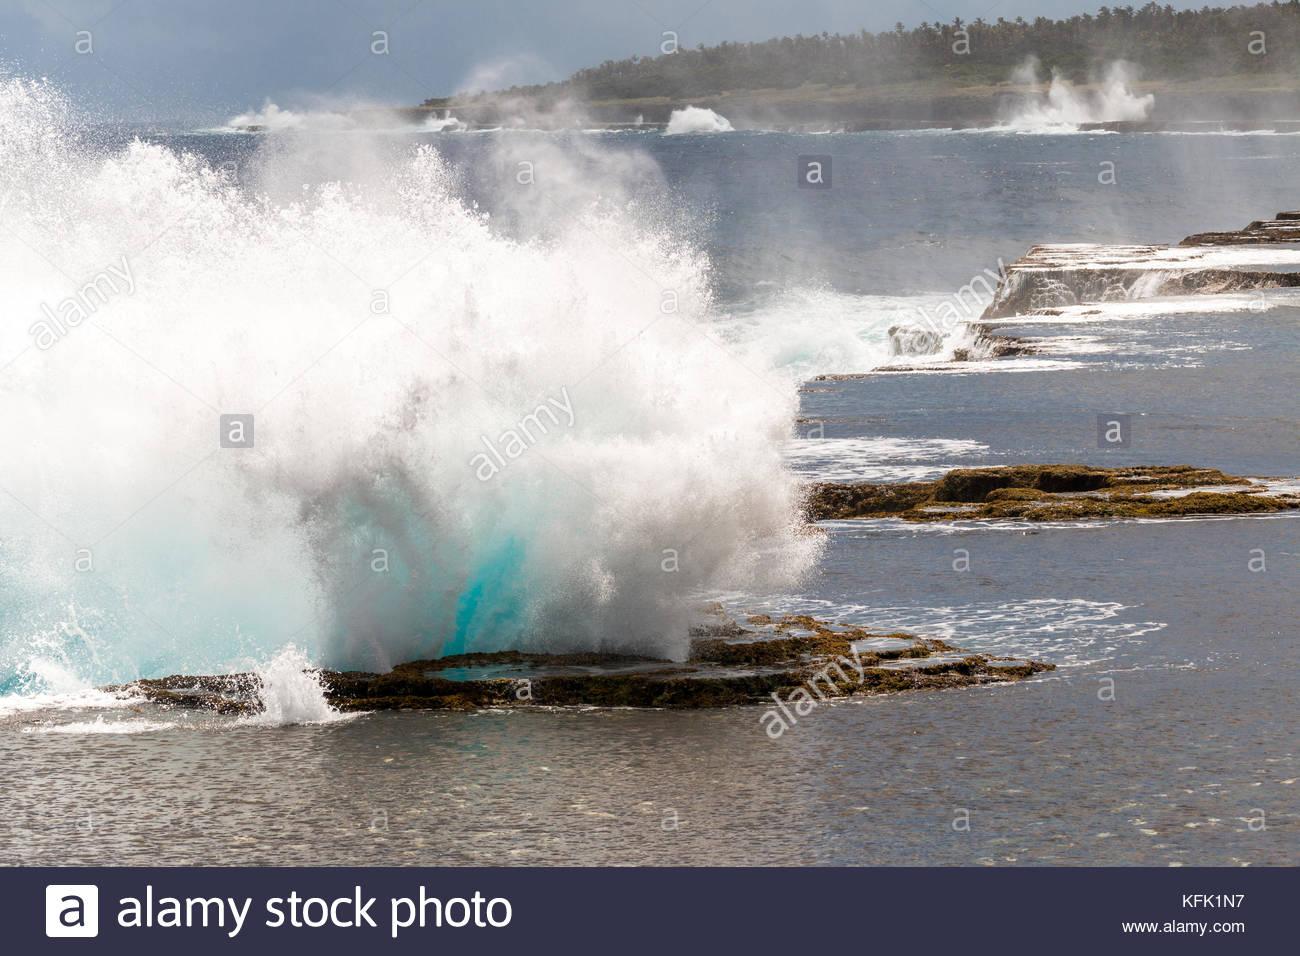 Closeup of splash of Mapu'a 'a Vaea Blowholes, Tongatapu, Tonga - Stock Image